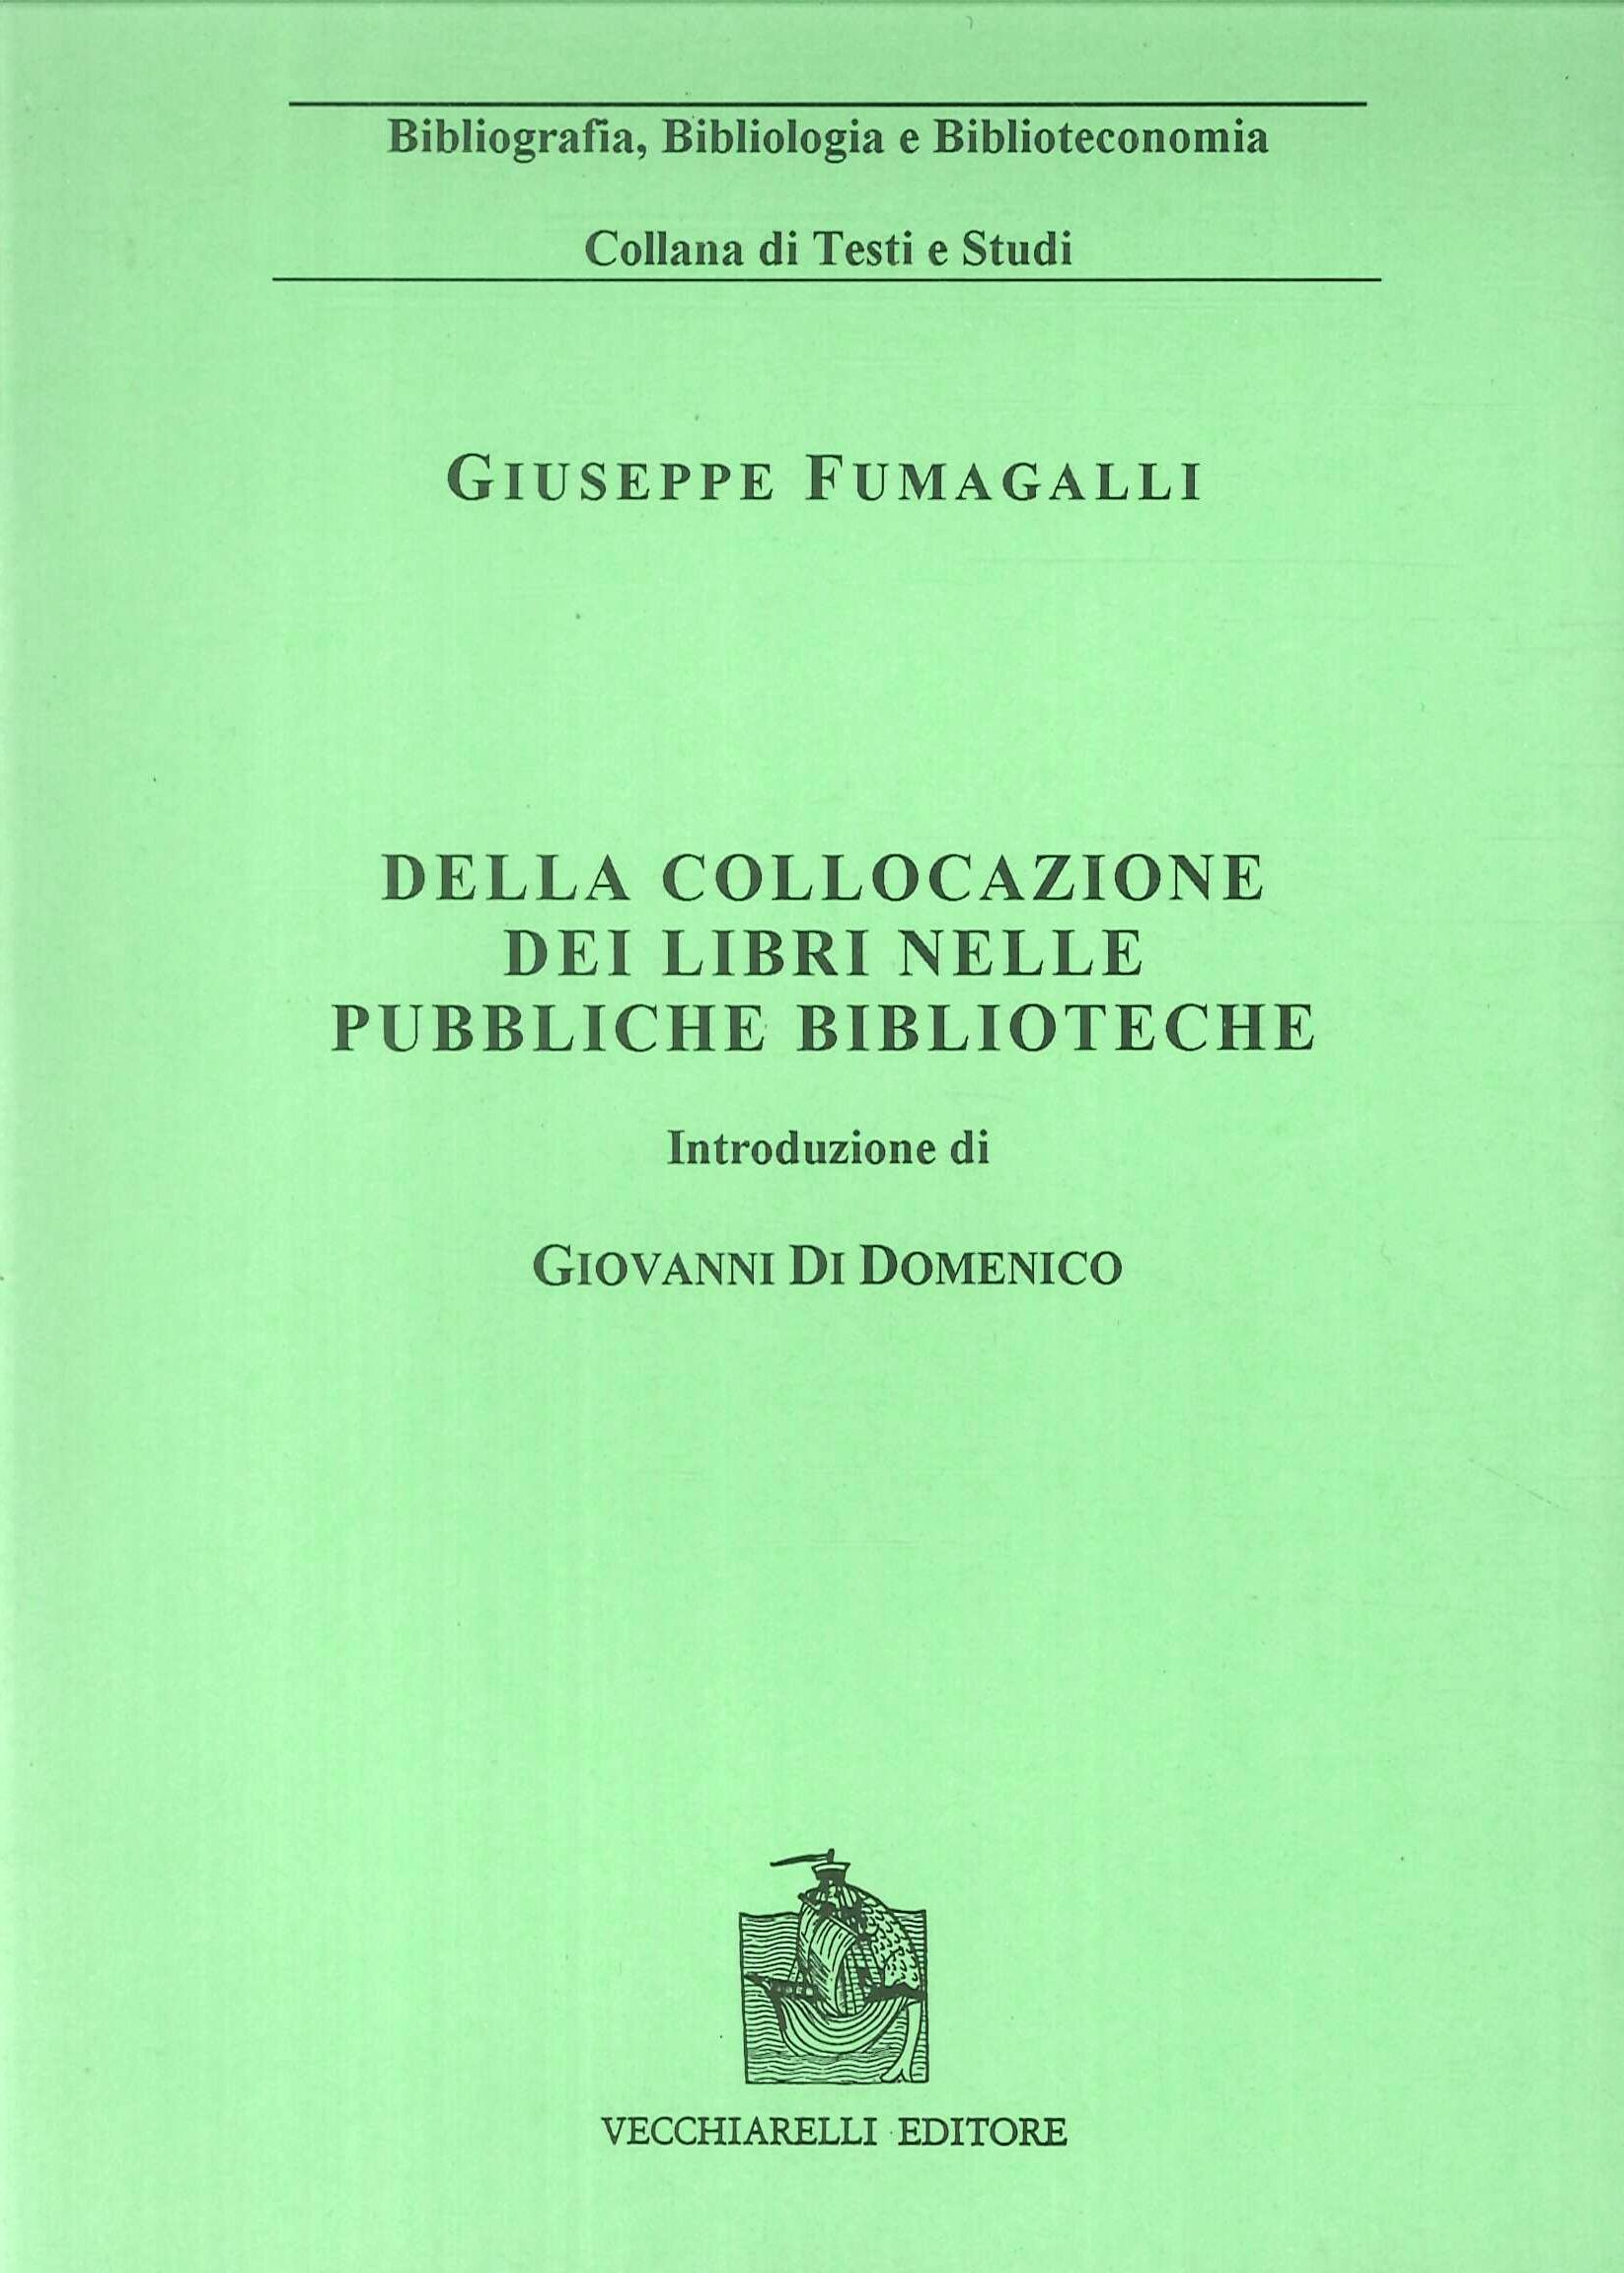 Della Collocazione dei Libri nelle Pubbliche Biblioteche.